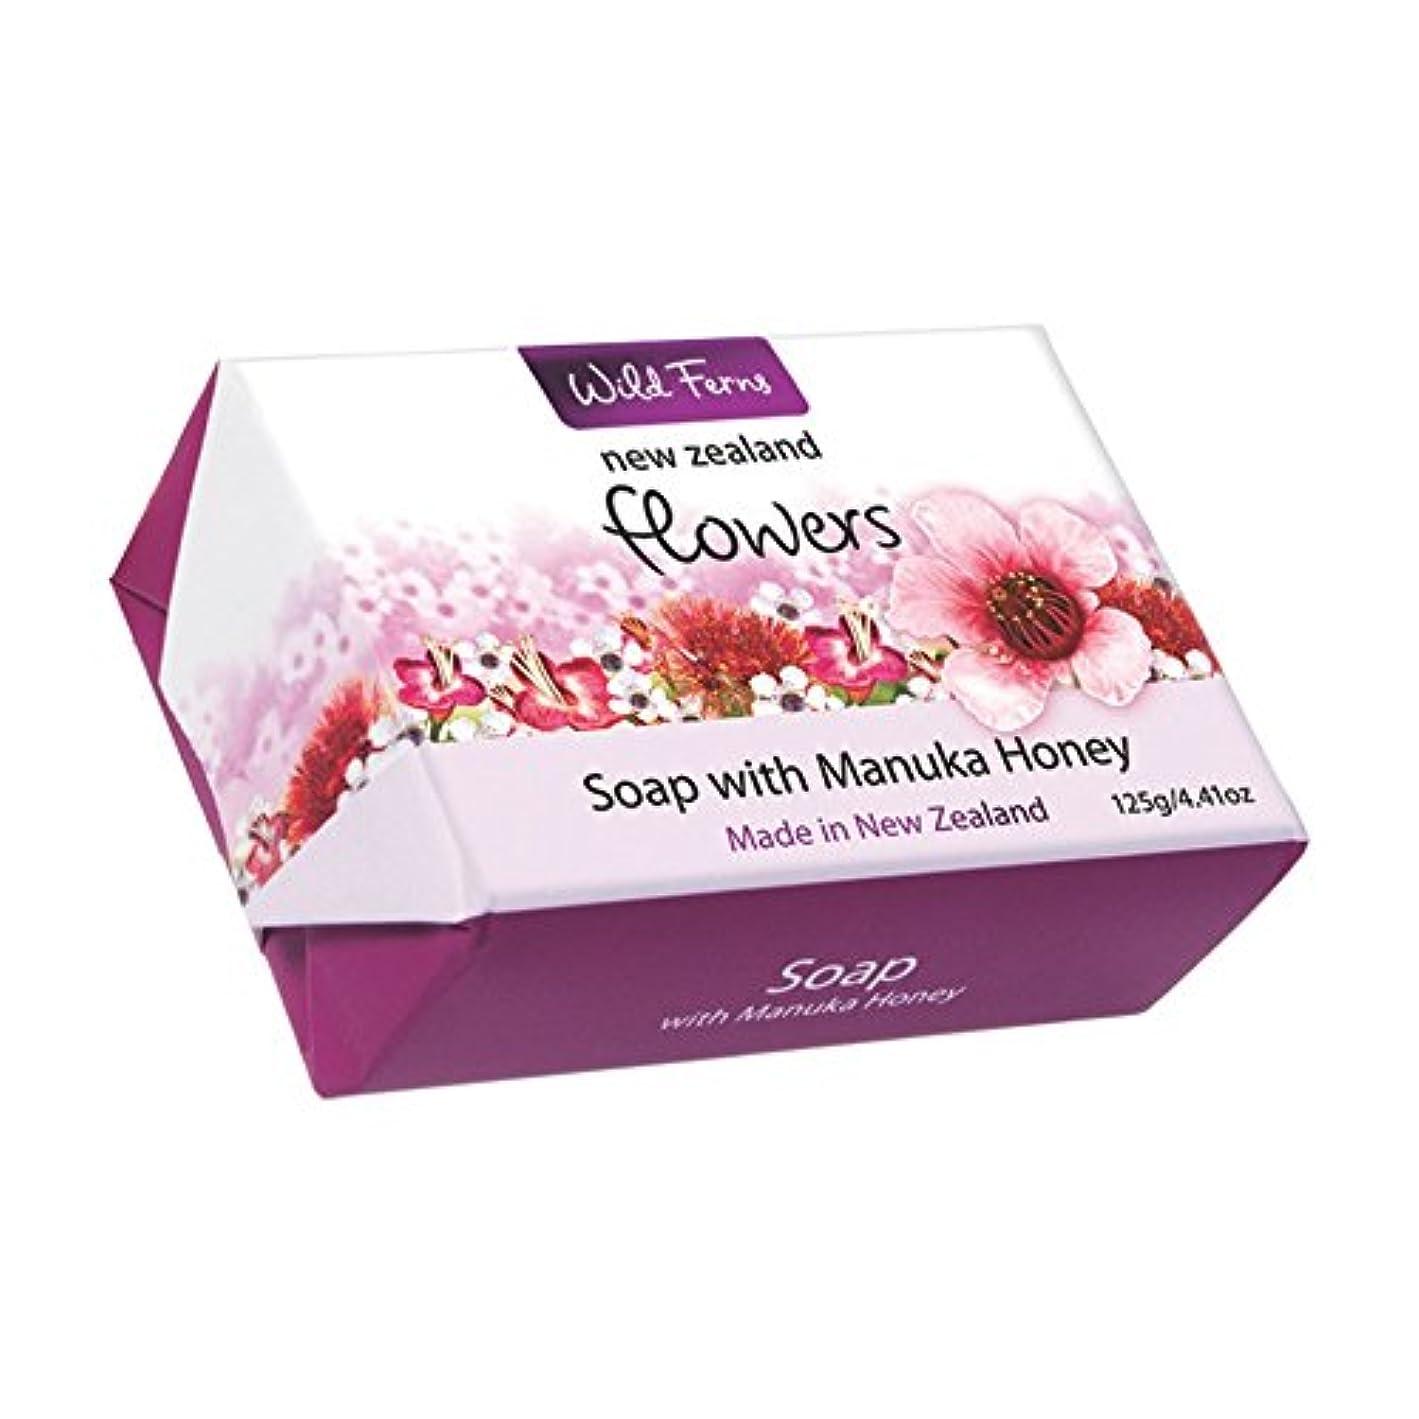 Flowers Soap with Manuka Honey 125g